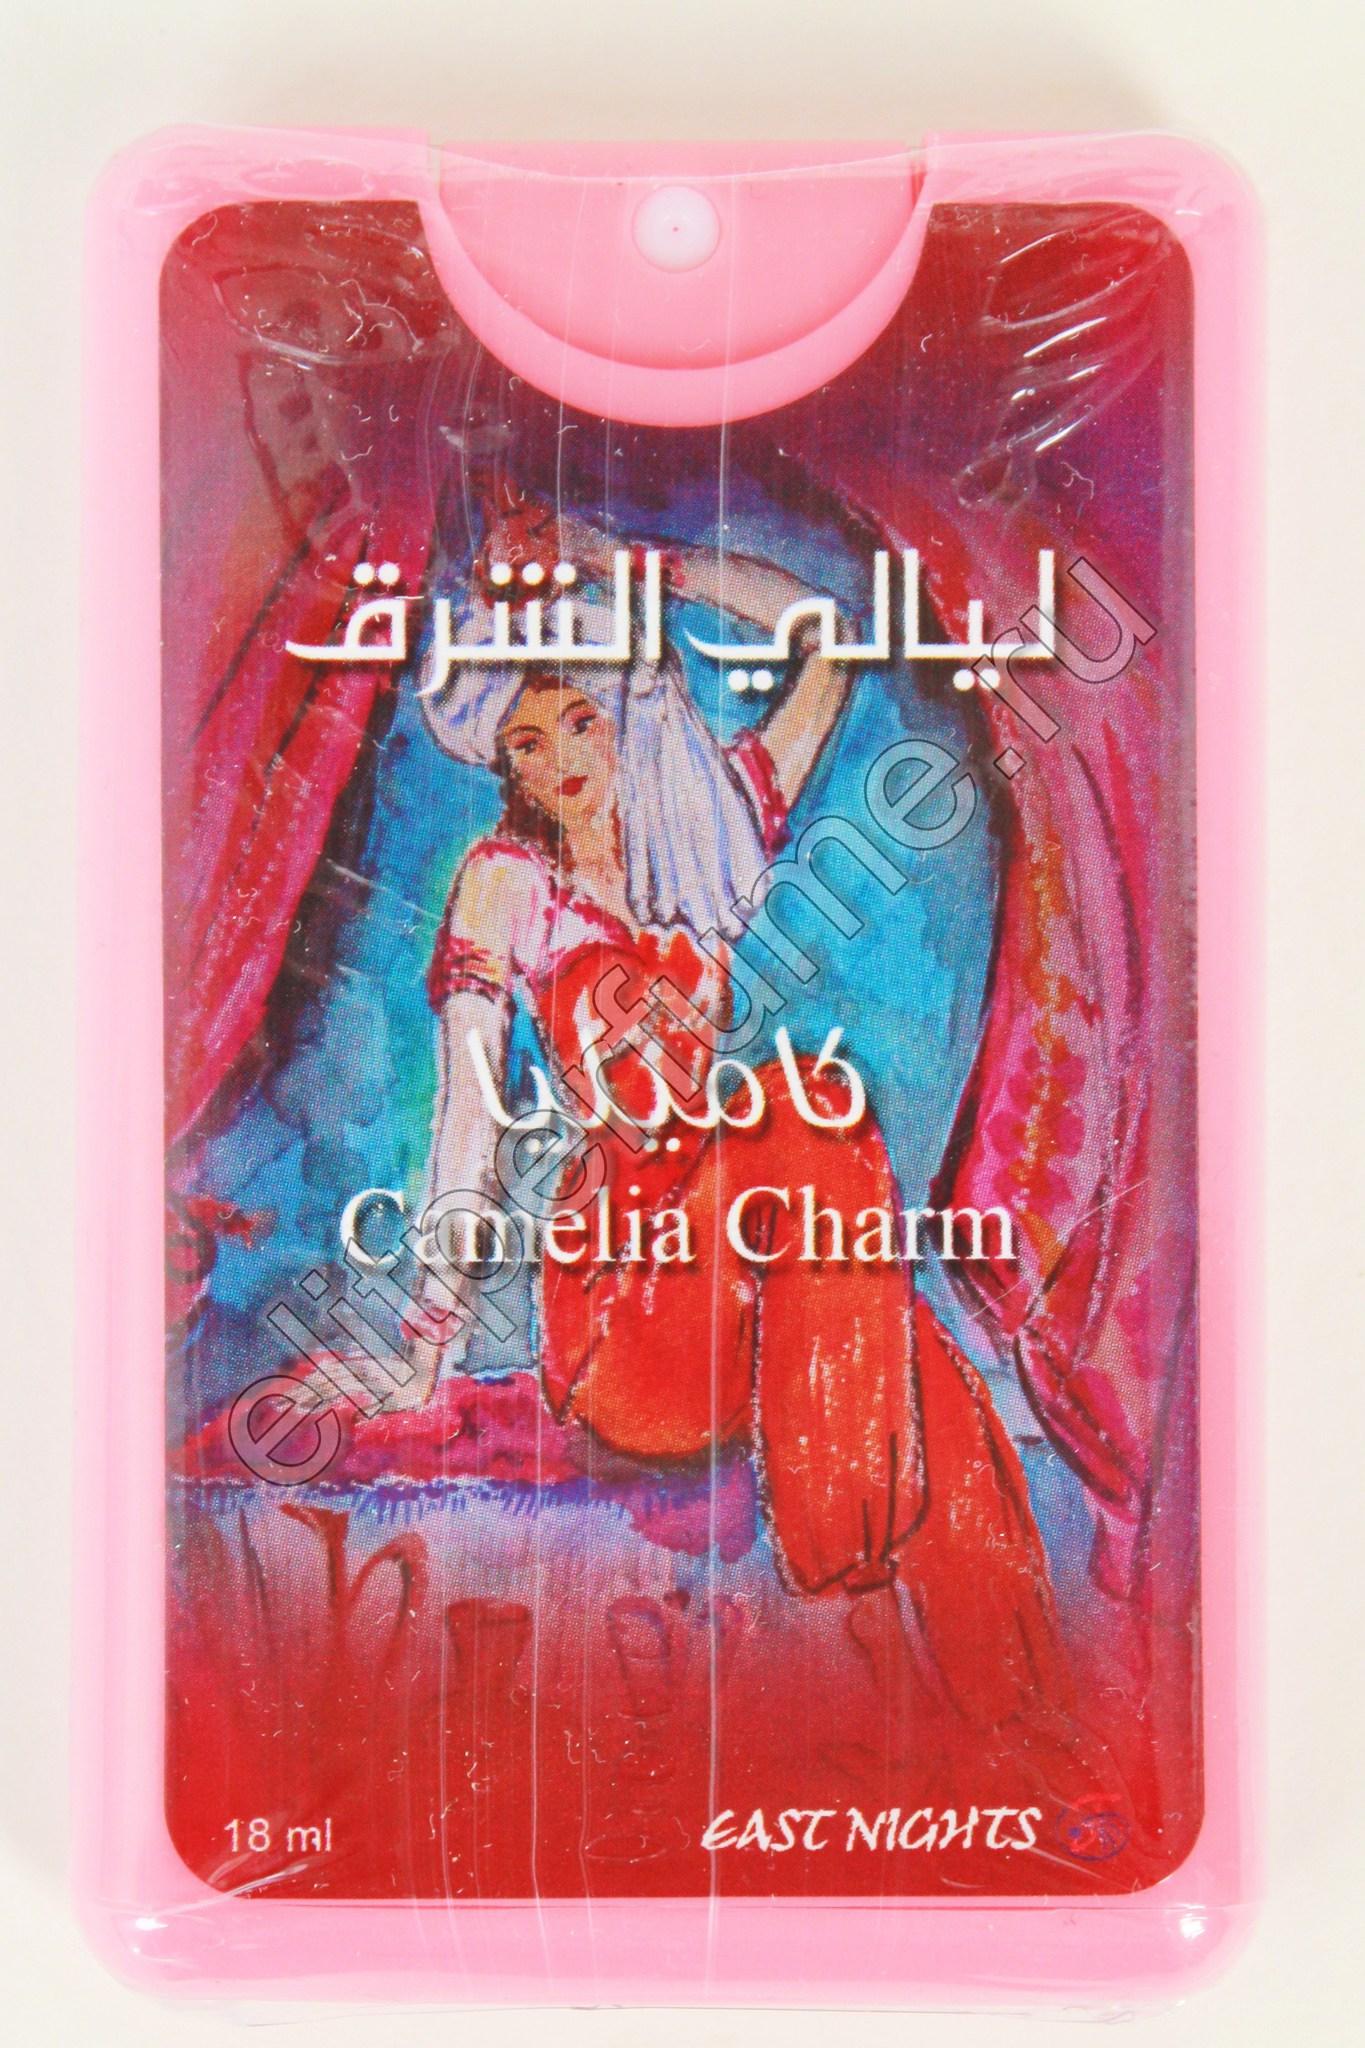 Camelia Charm натуральные масляные духи «Обворожительная камелия» 18 мл